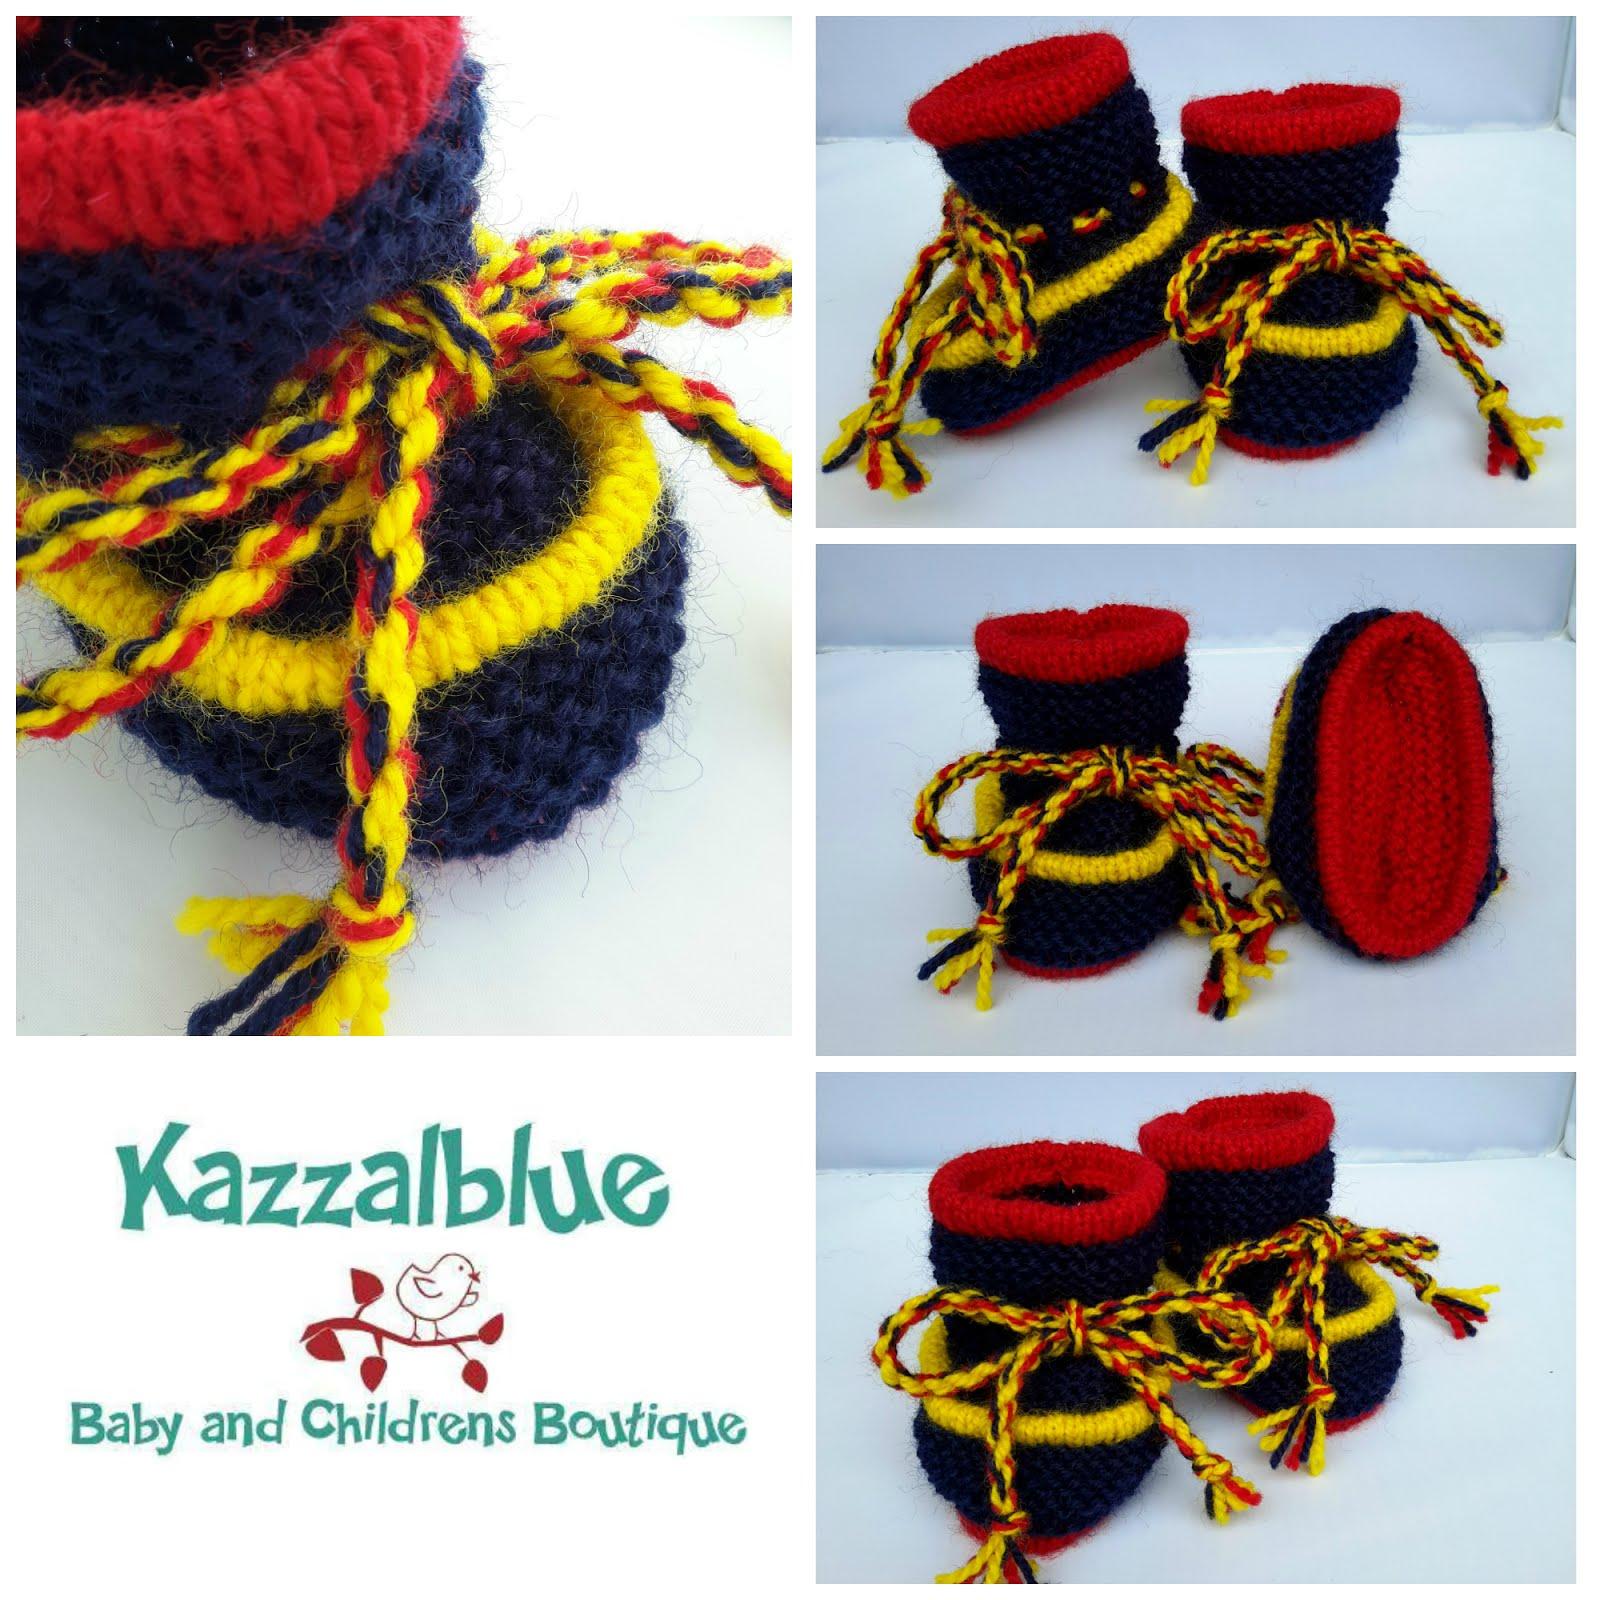 Kazzalblue Toys